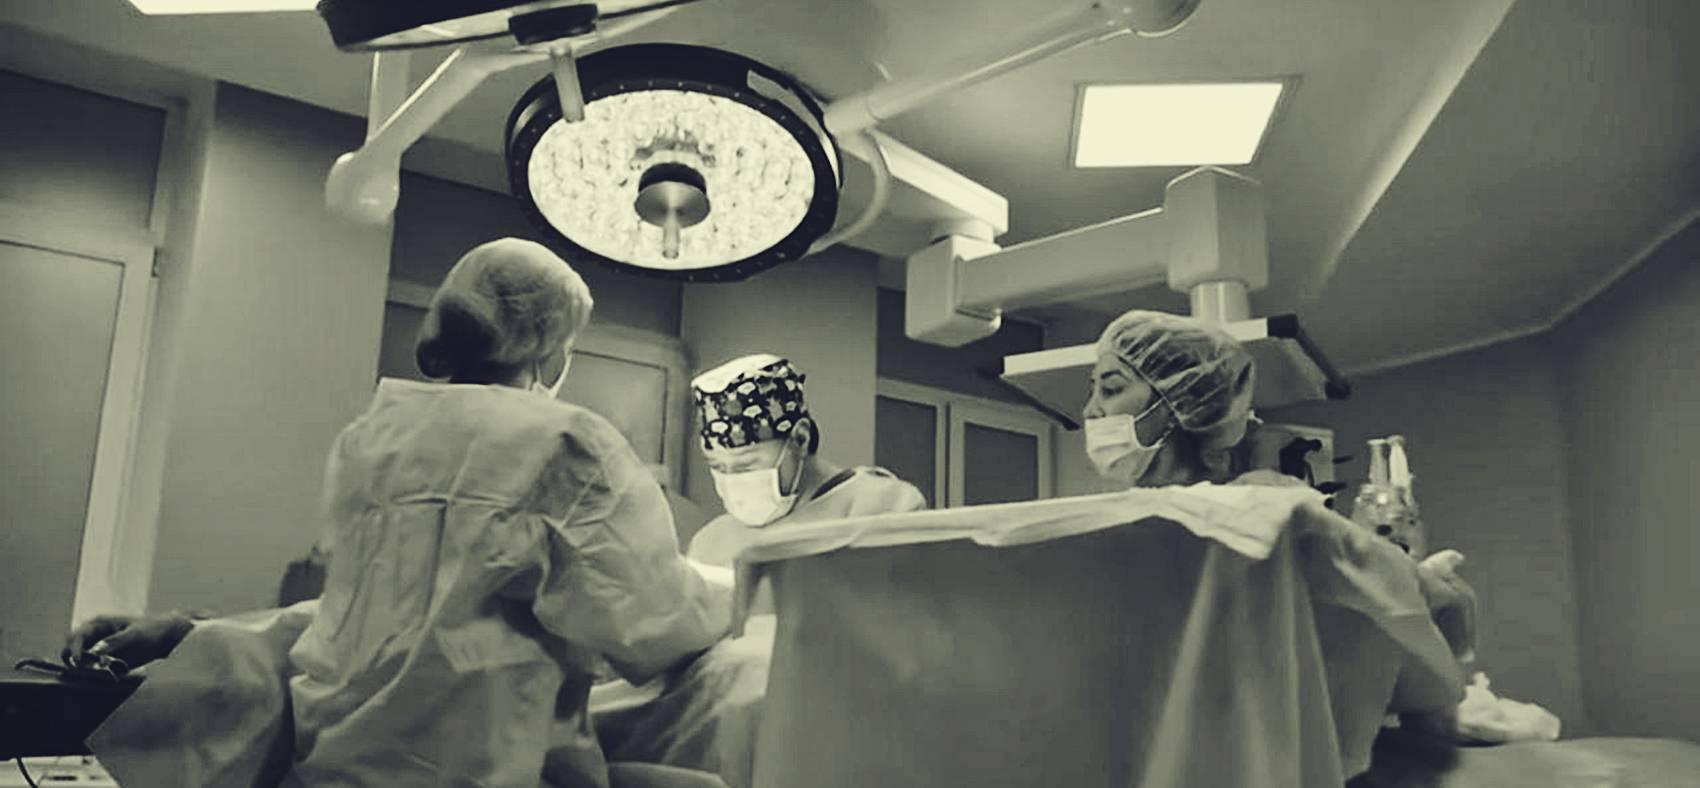 Настя Рыбка: история моих сисег, или Секреты правильной пластической хирургии